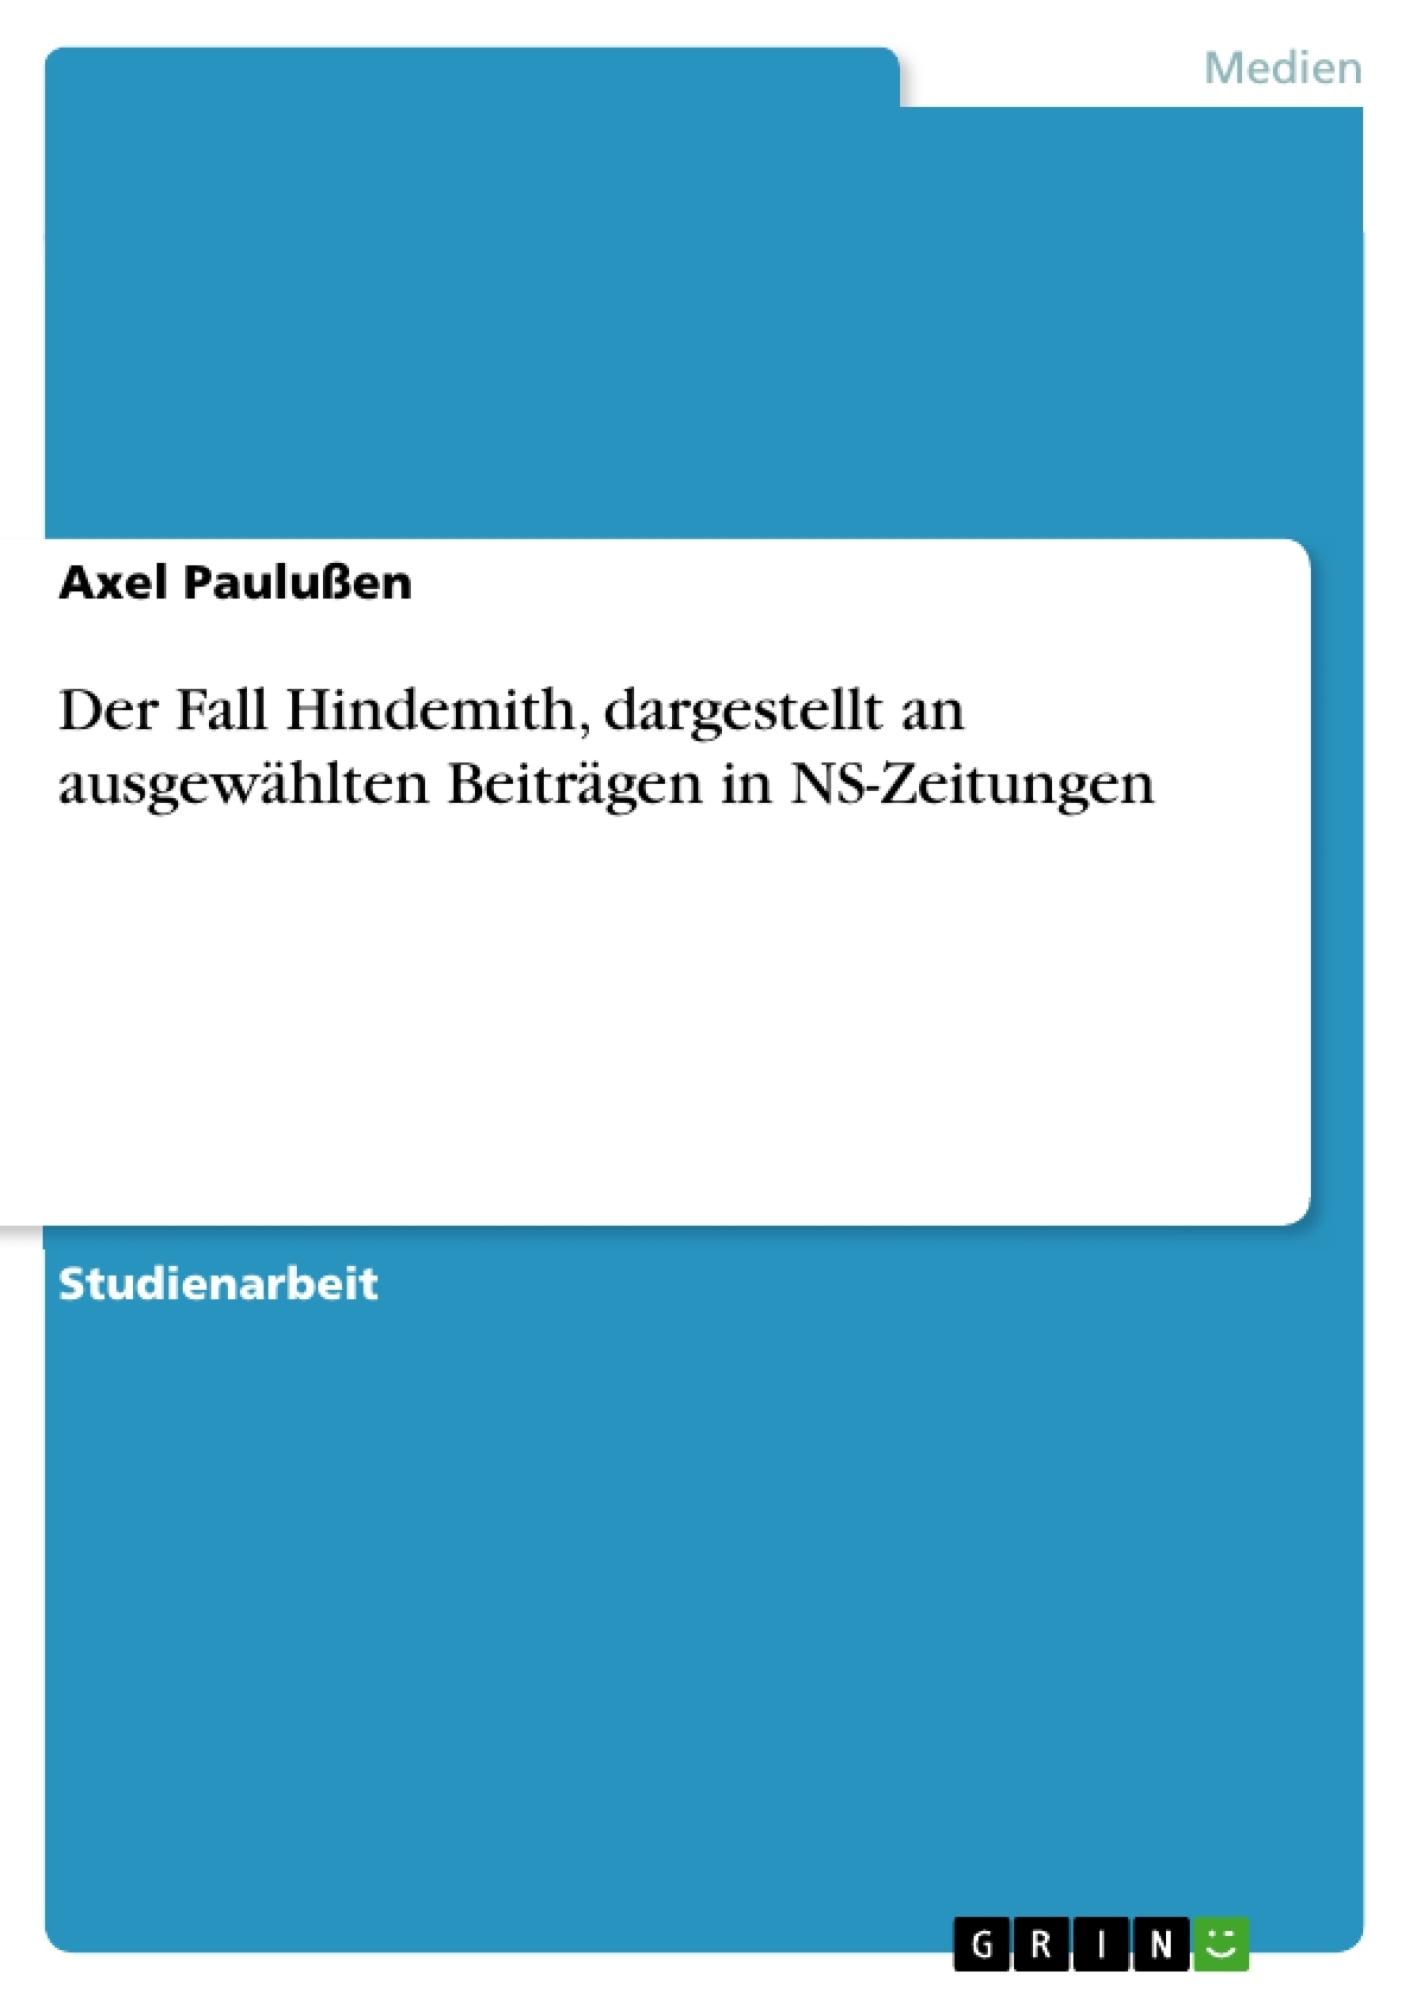 Titel: Der Fall Hindemith, dargestellt an ausgewählten Beiträgen in NS-Zeitungen